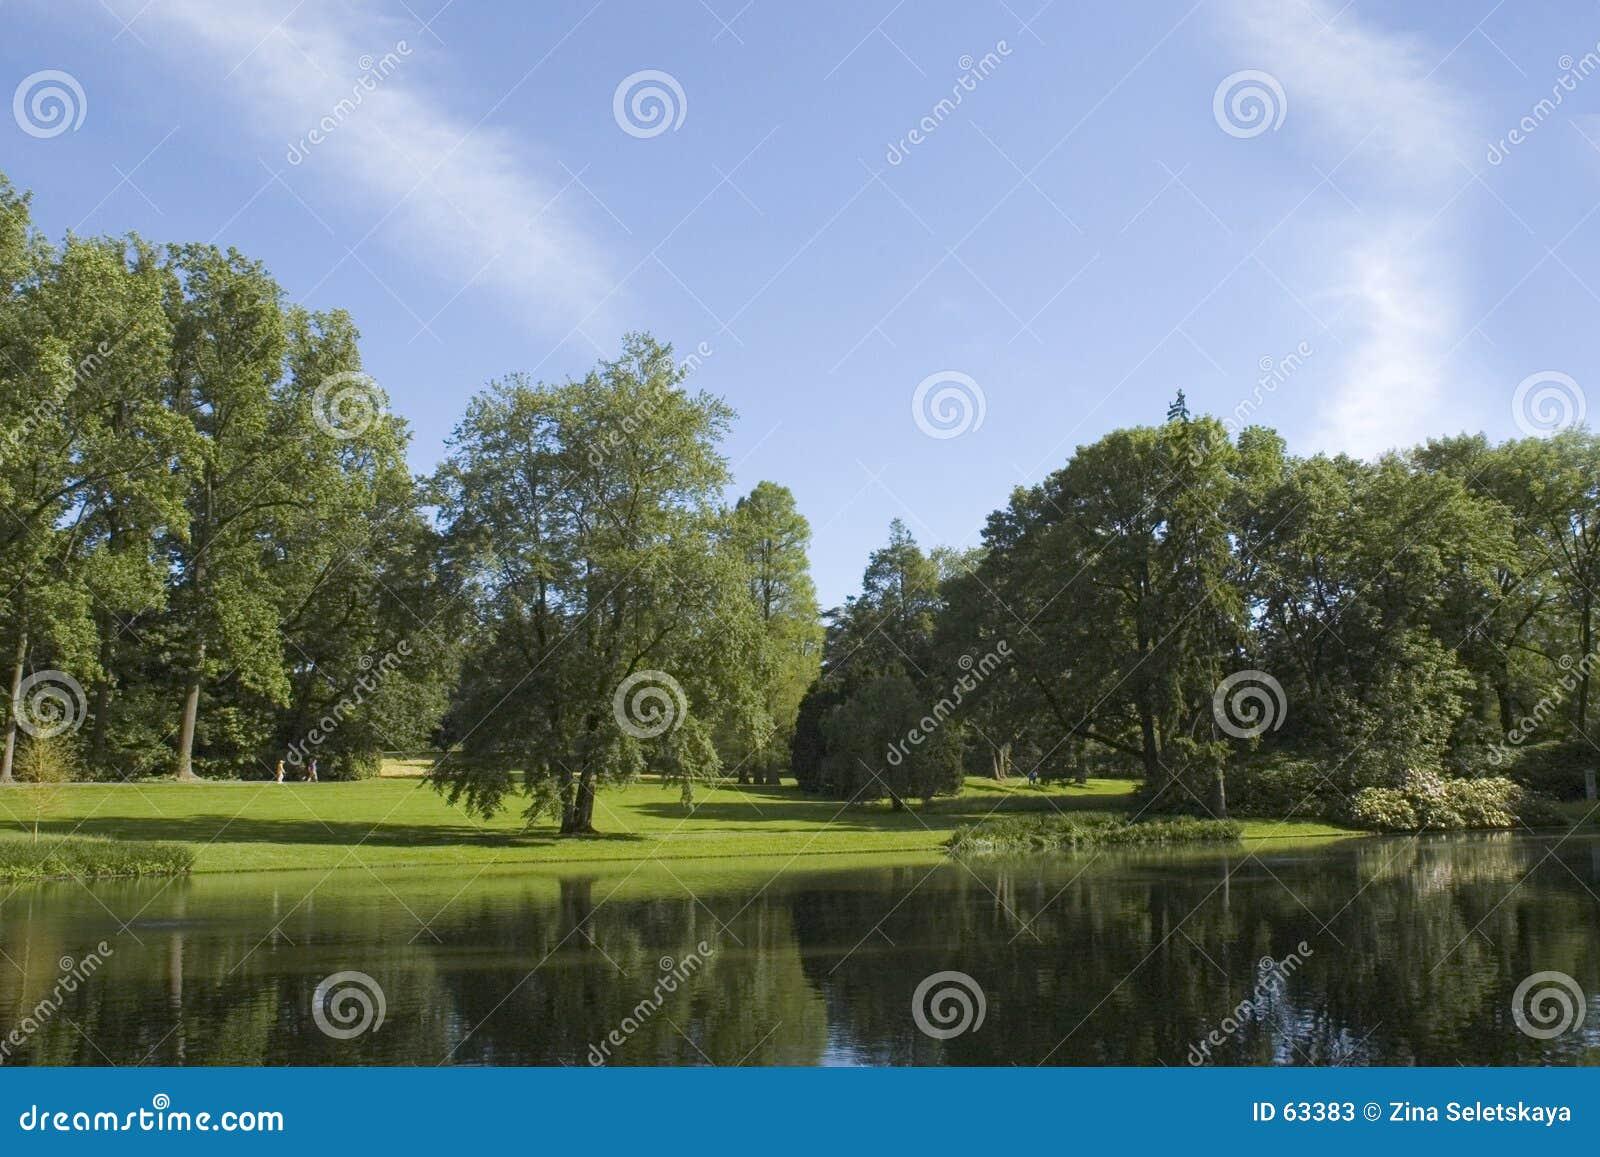 Download Par le lac image stock. Image du relaxation, paisible, serein - 63383